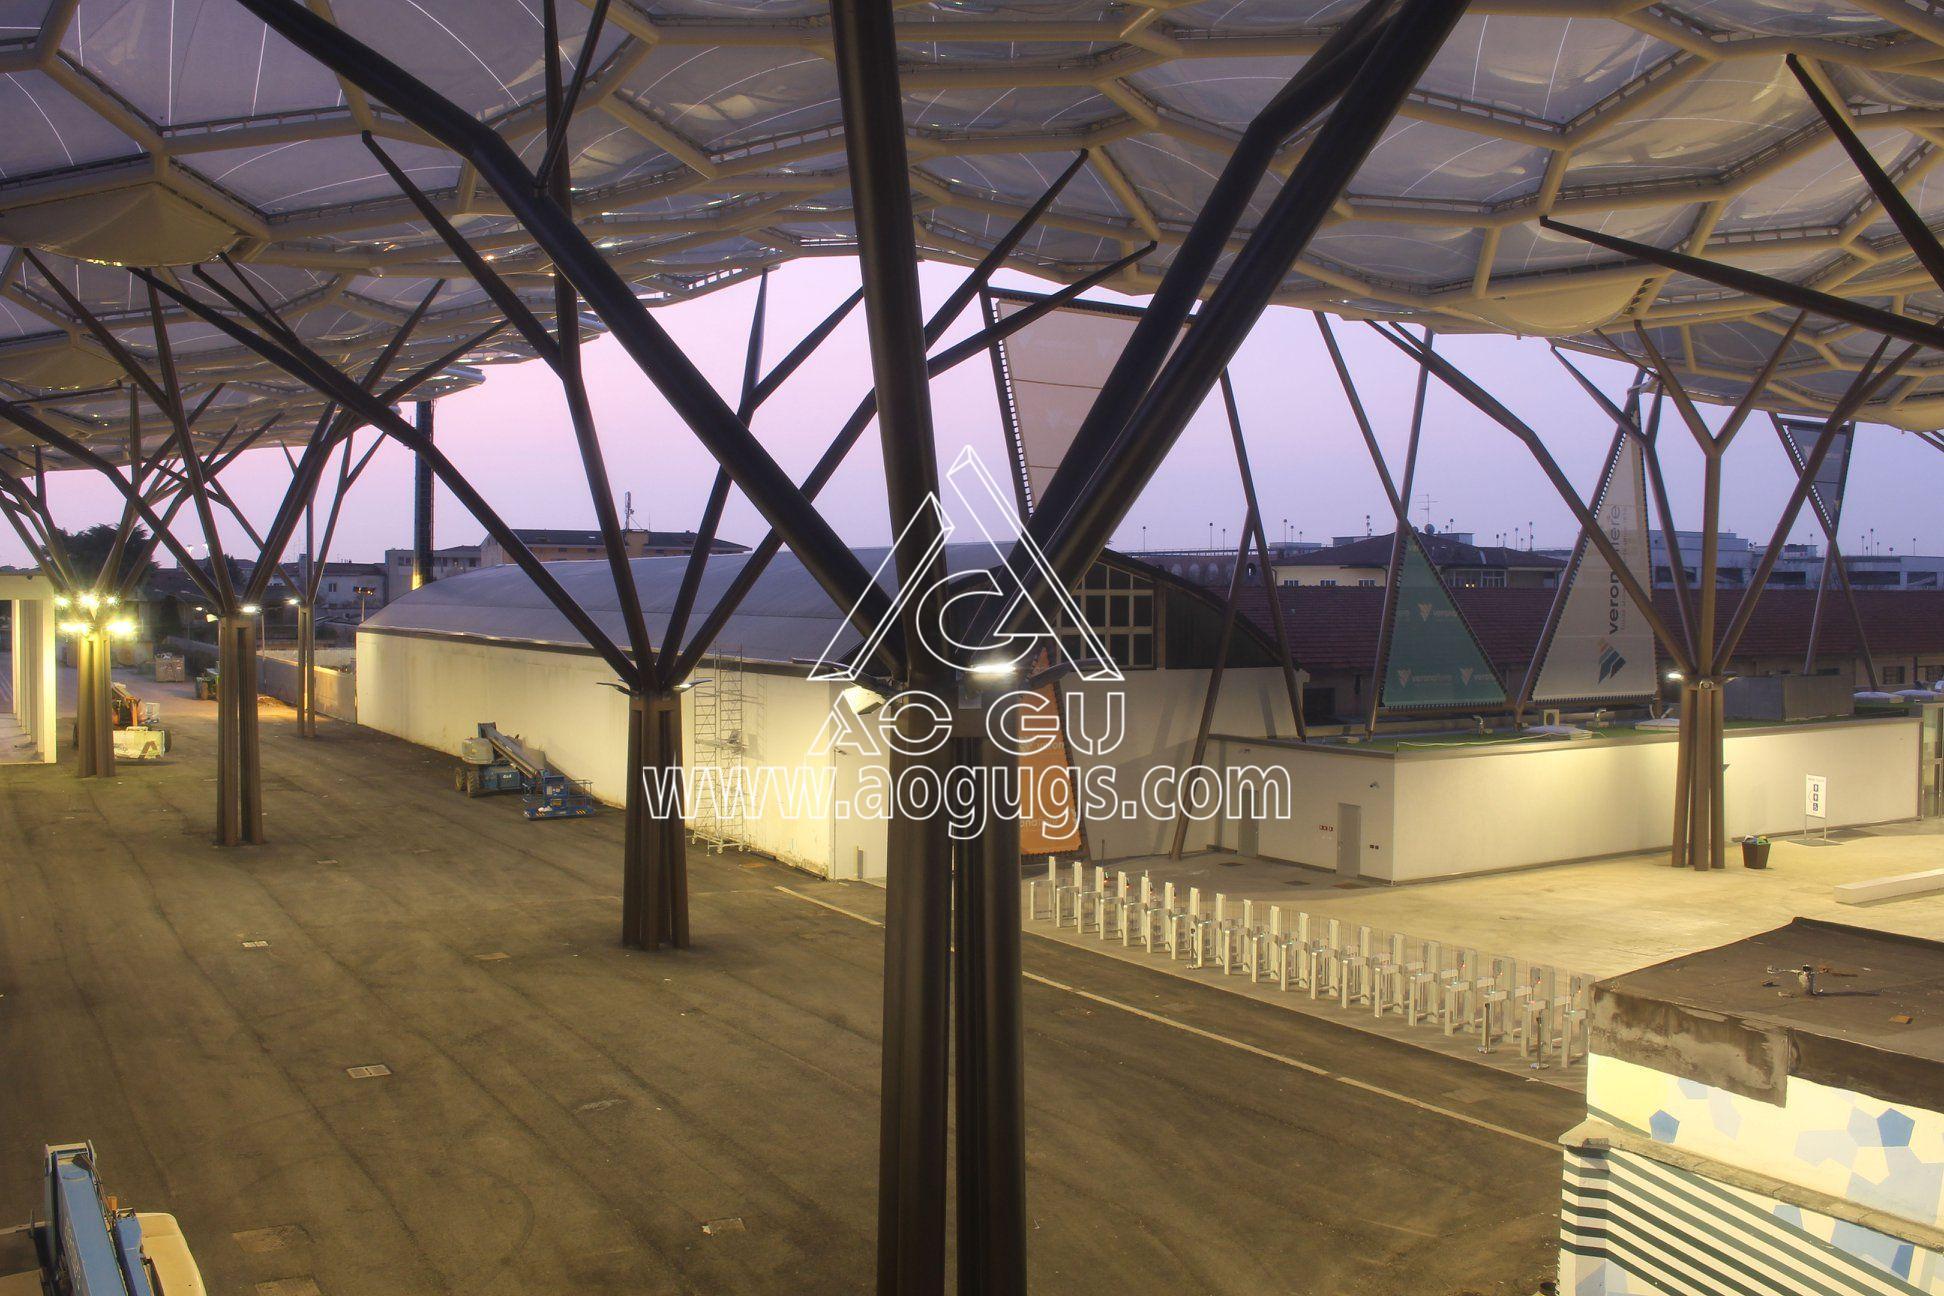 ETFE透明膜 ETFE膜工程 ETFE膜材料制作 充气膜 气枕 产品演示图1